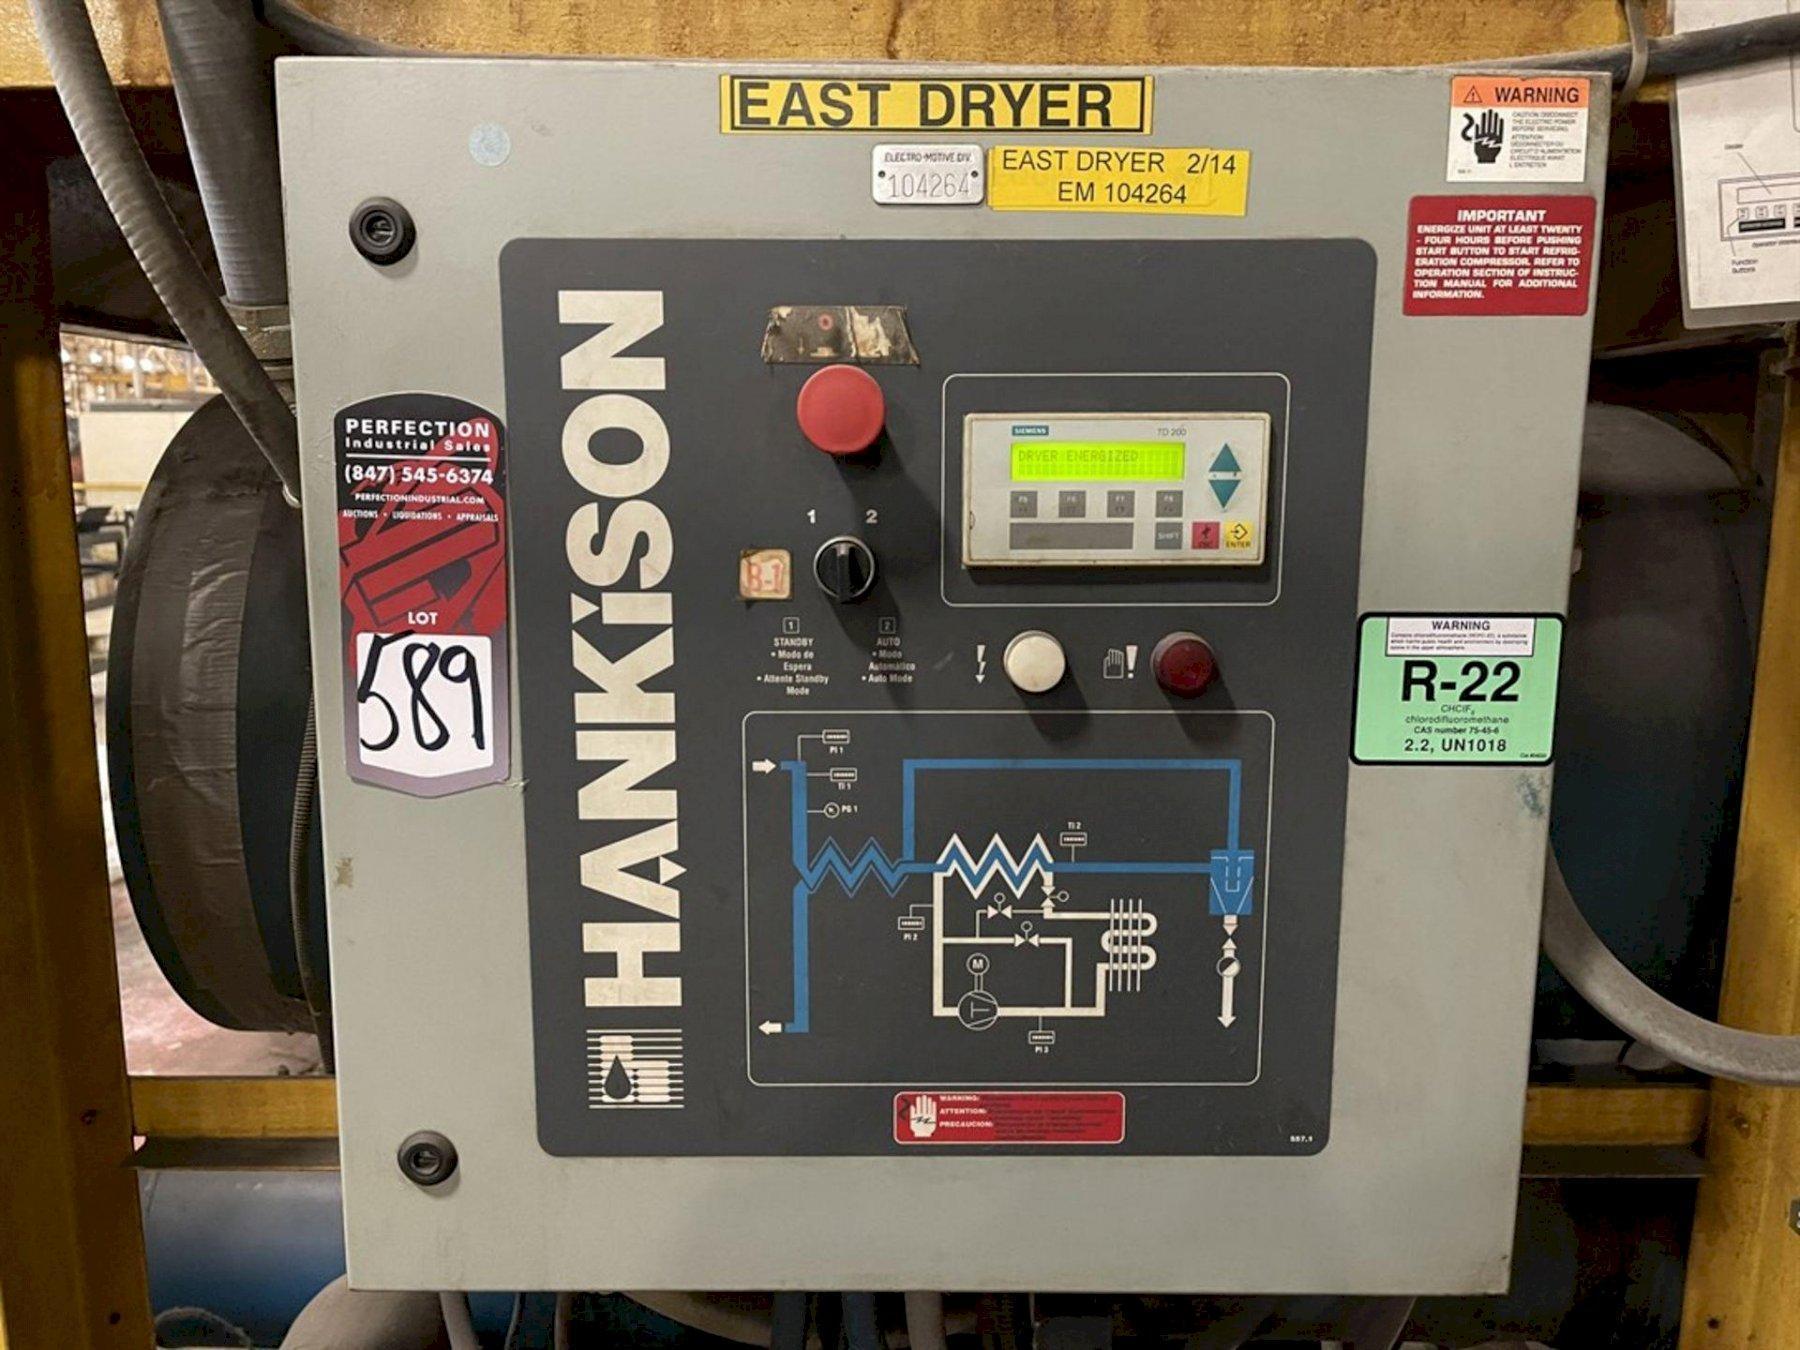 5000 SCFM @ 100 PSIG HANKINSON KHD5000 COMPRESSED AIR DRYER. STOCK # 0530021